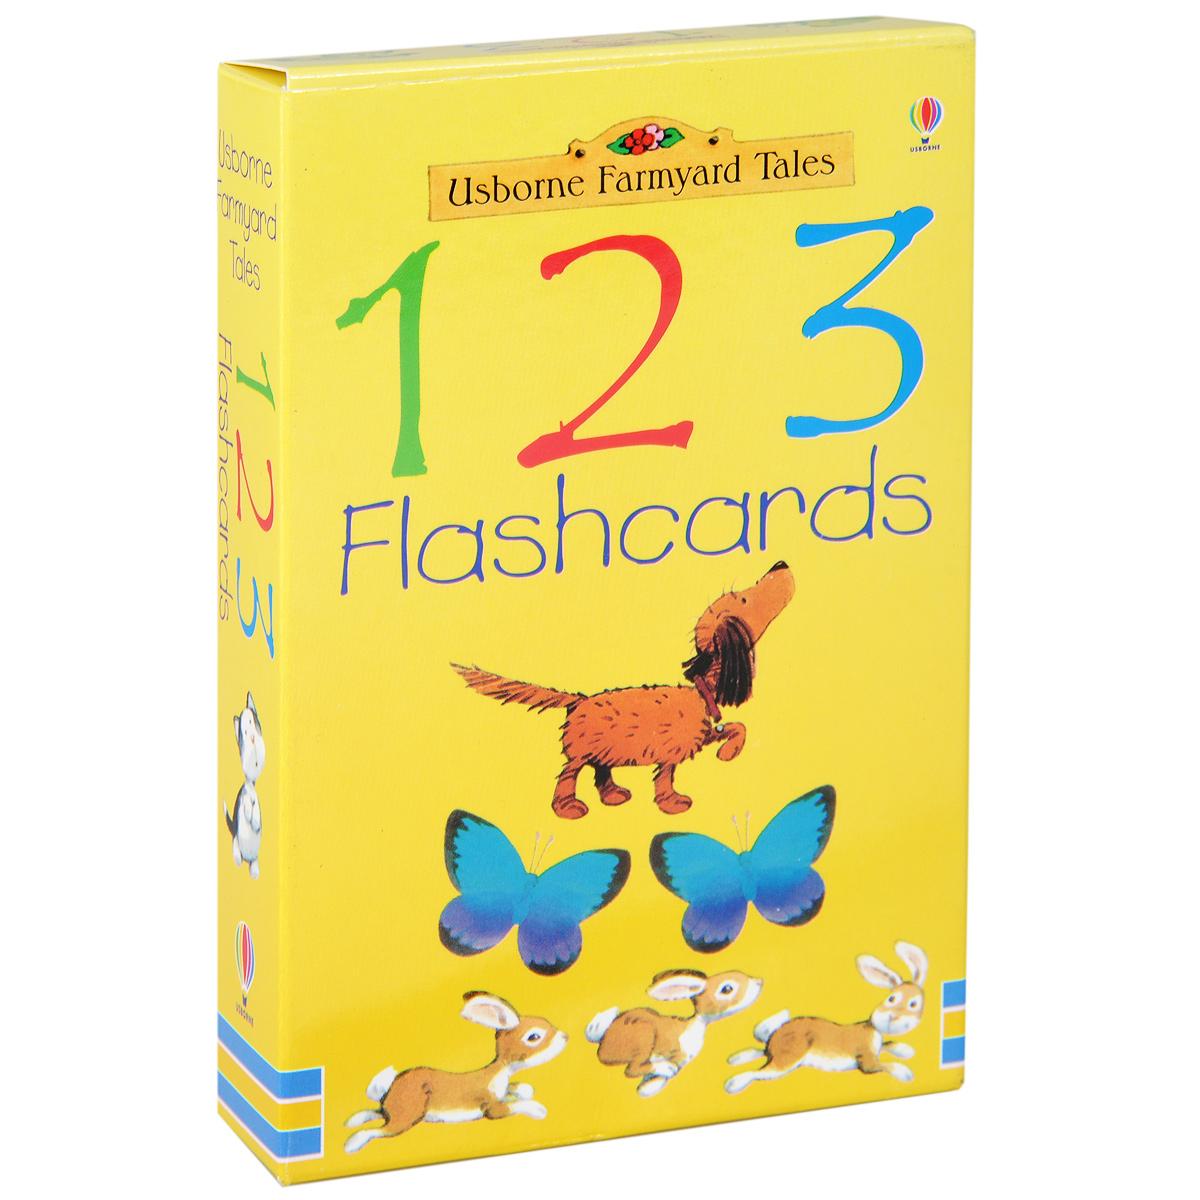 123 Flashcards (набор из 50 карточек) 123 flashcards